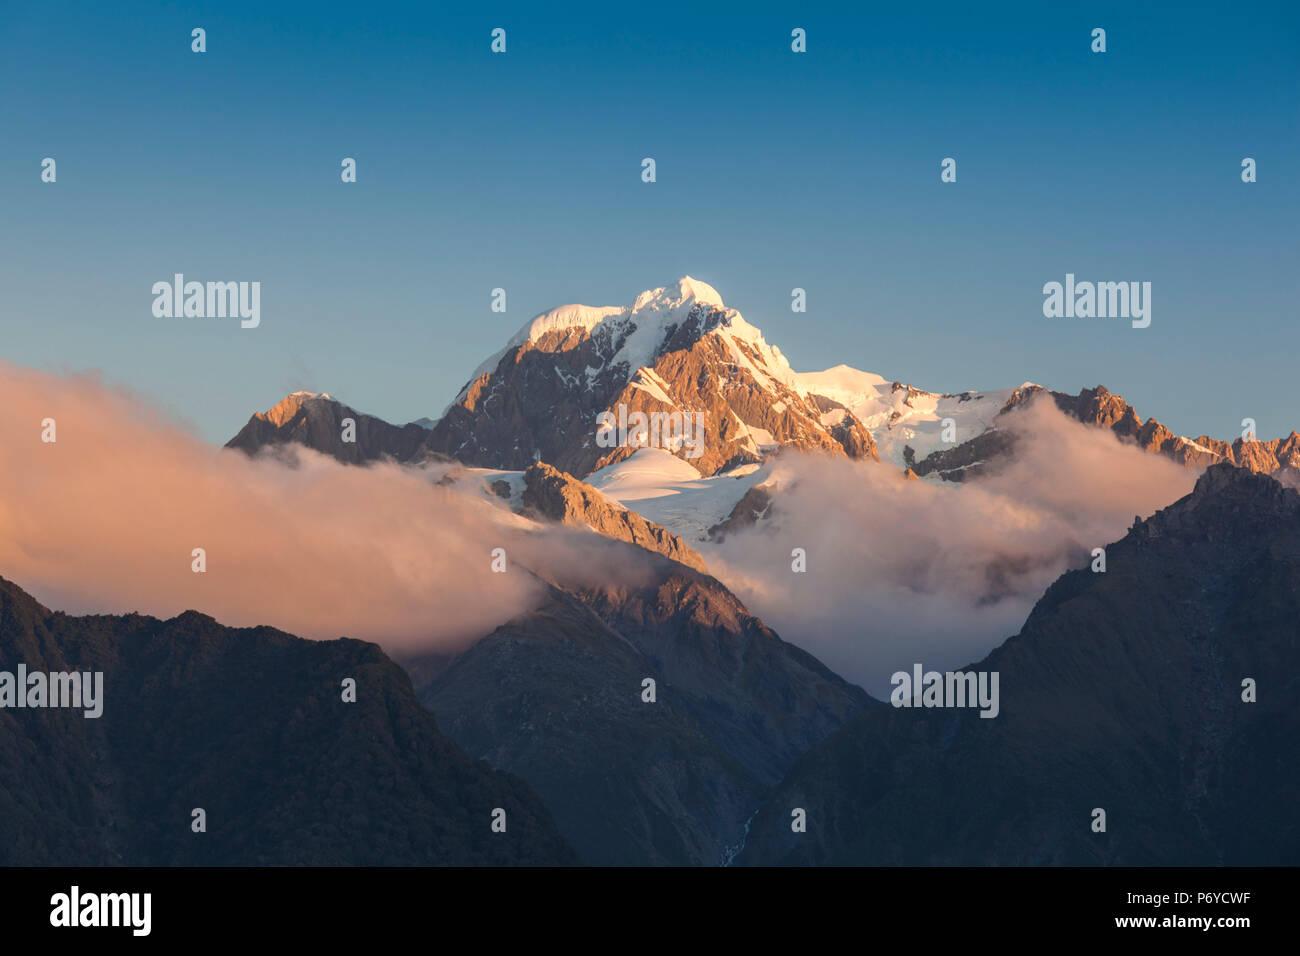 Nuova Zelanda, Isola del Sud, West Coast, villaggio Fox Glacier, Lago Matheson, riflessione di Mt. Tasman e Mt. Cuocere, crepuscolo Immagini Stock